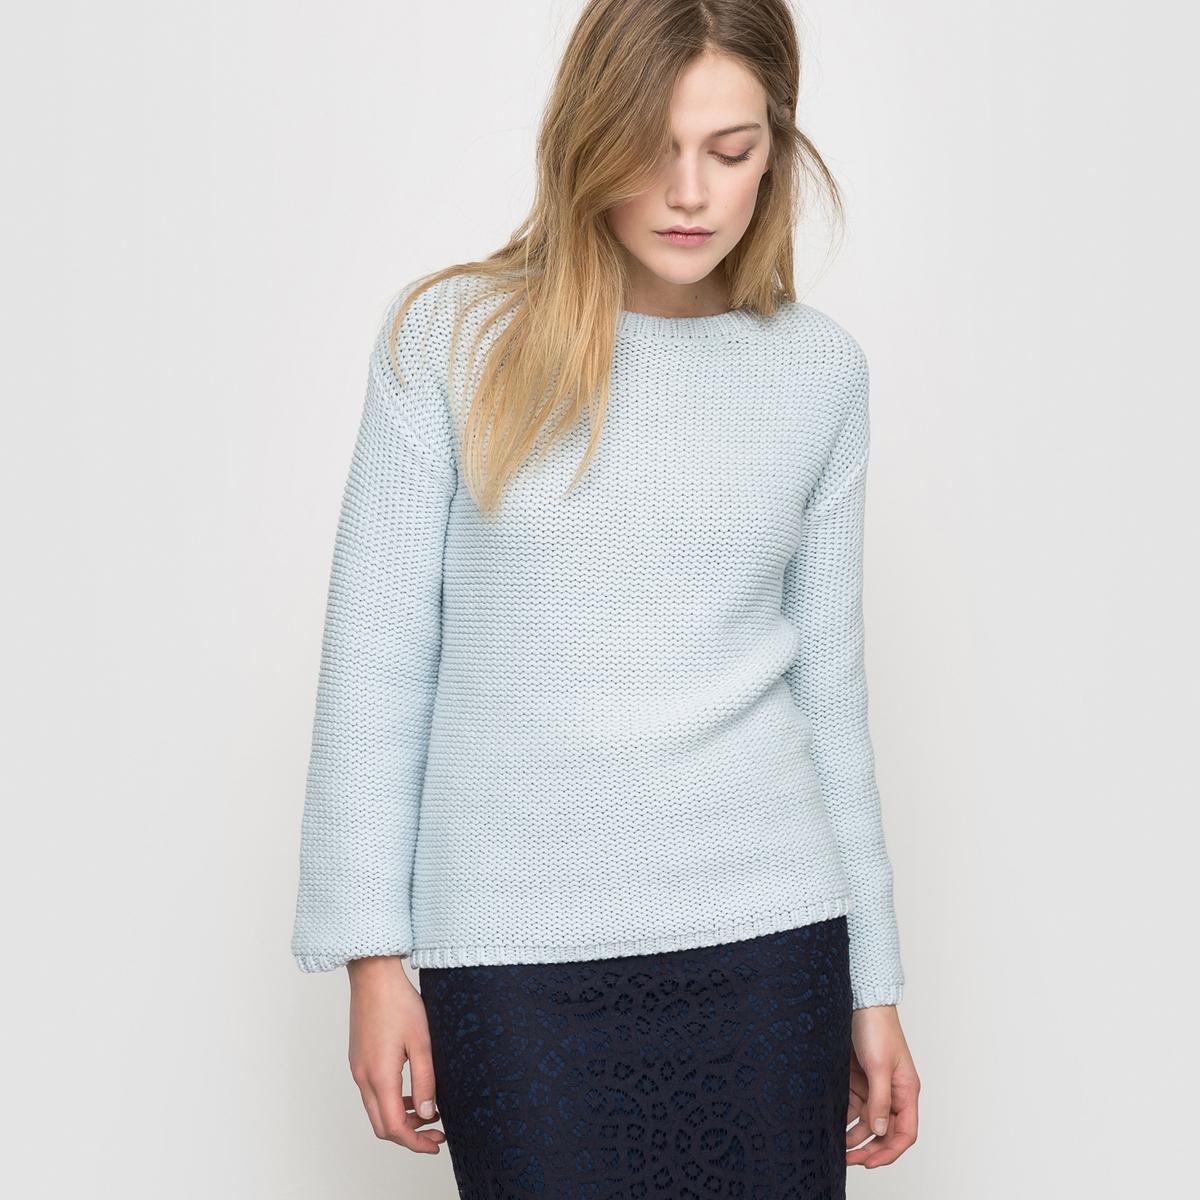 Пуловер широкого покрояПуловерЗакругленный вырезДлинные рукаваКрая связаны в рубчик Длина 63 см<br><br>Цвет: голубой,экрю<br>Размер: 38/40 (FR) - 44/46 (RUS).46/48 (FR) - 52/54 (RUS)